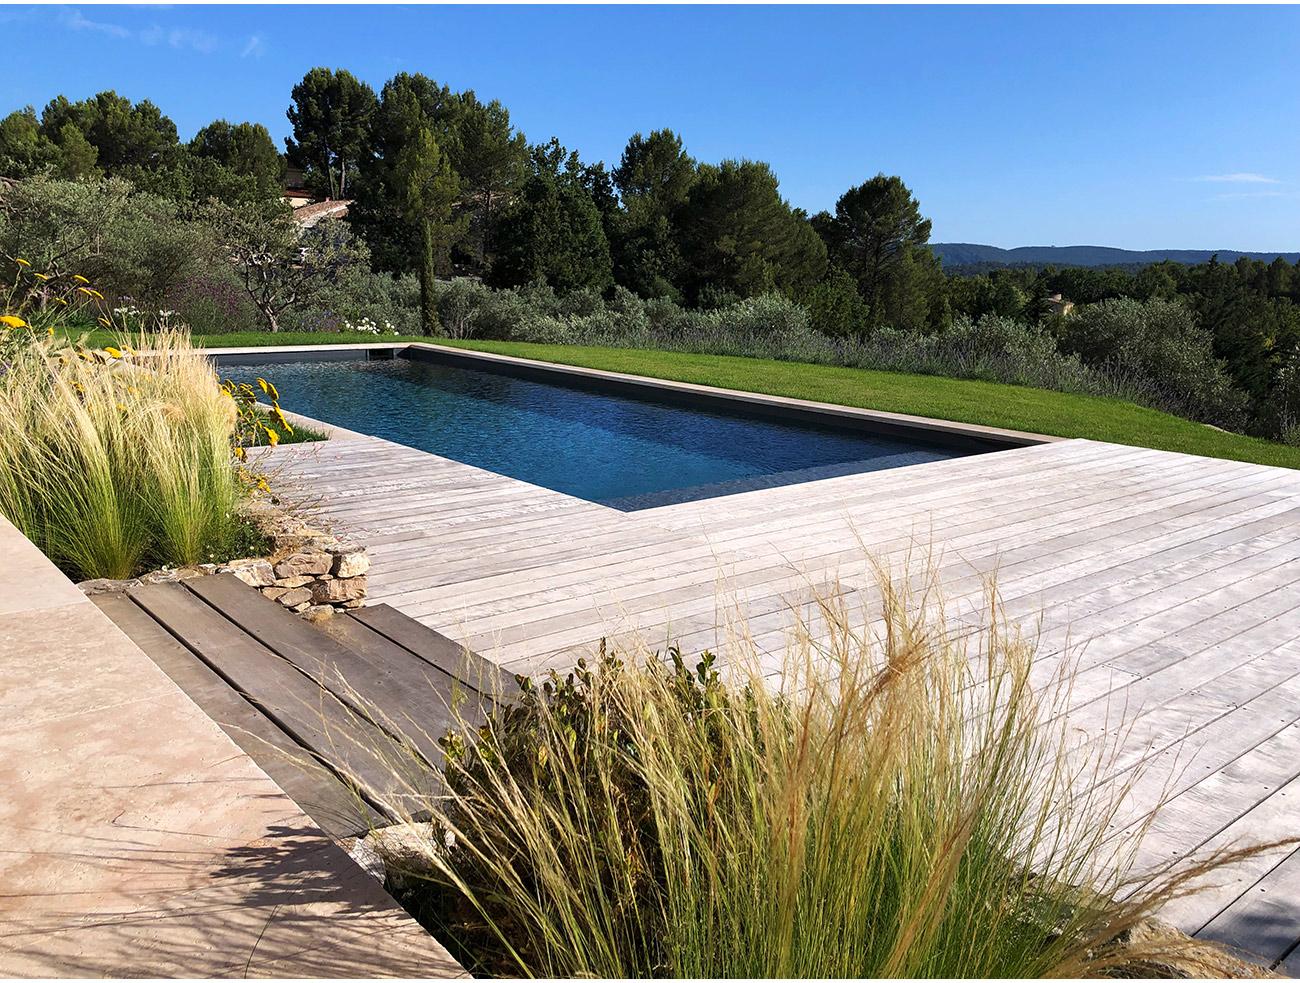 Atelier Naudier - Architecte paysagiste concepteur - Montpellier & Aix en Provence - Jardin piscine terrasse bois